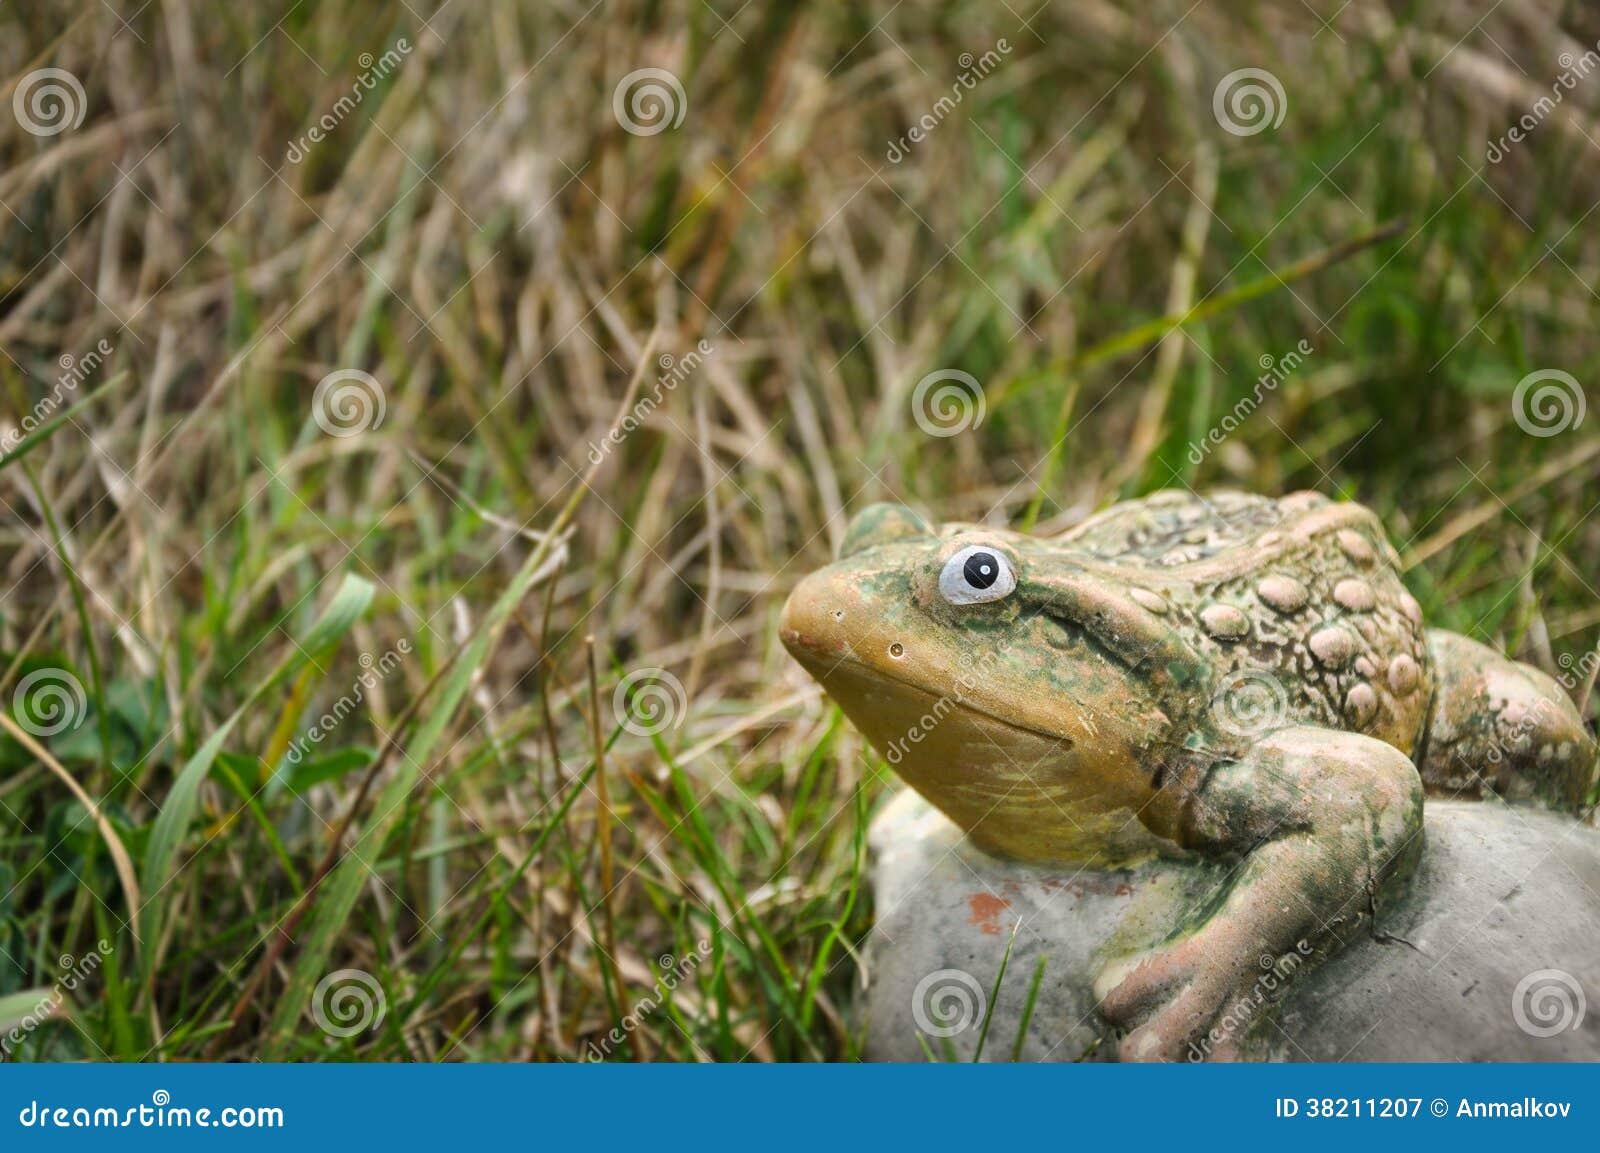 Grenouille en pierre sur une herbe et regarder l appareil-photo